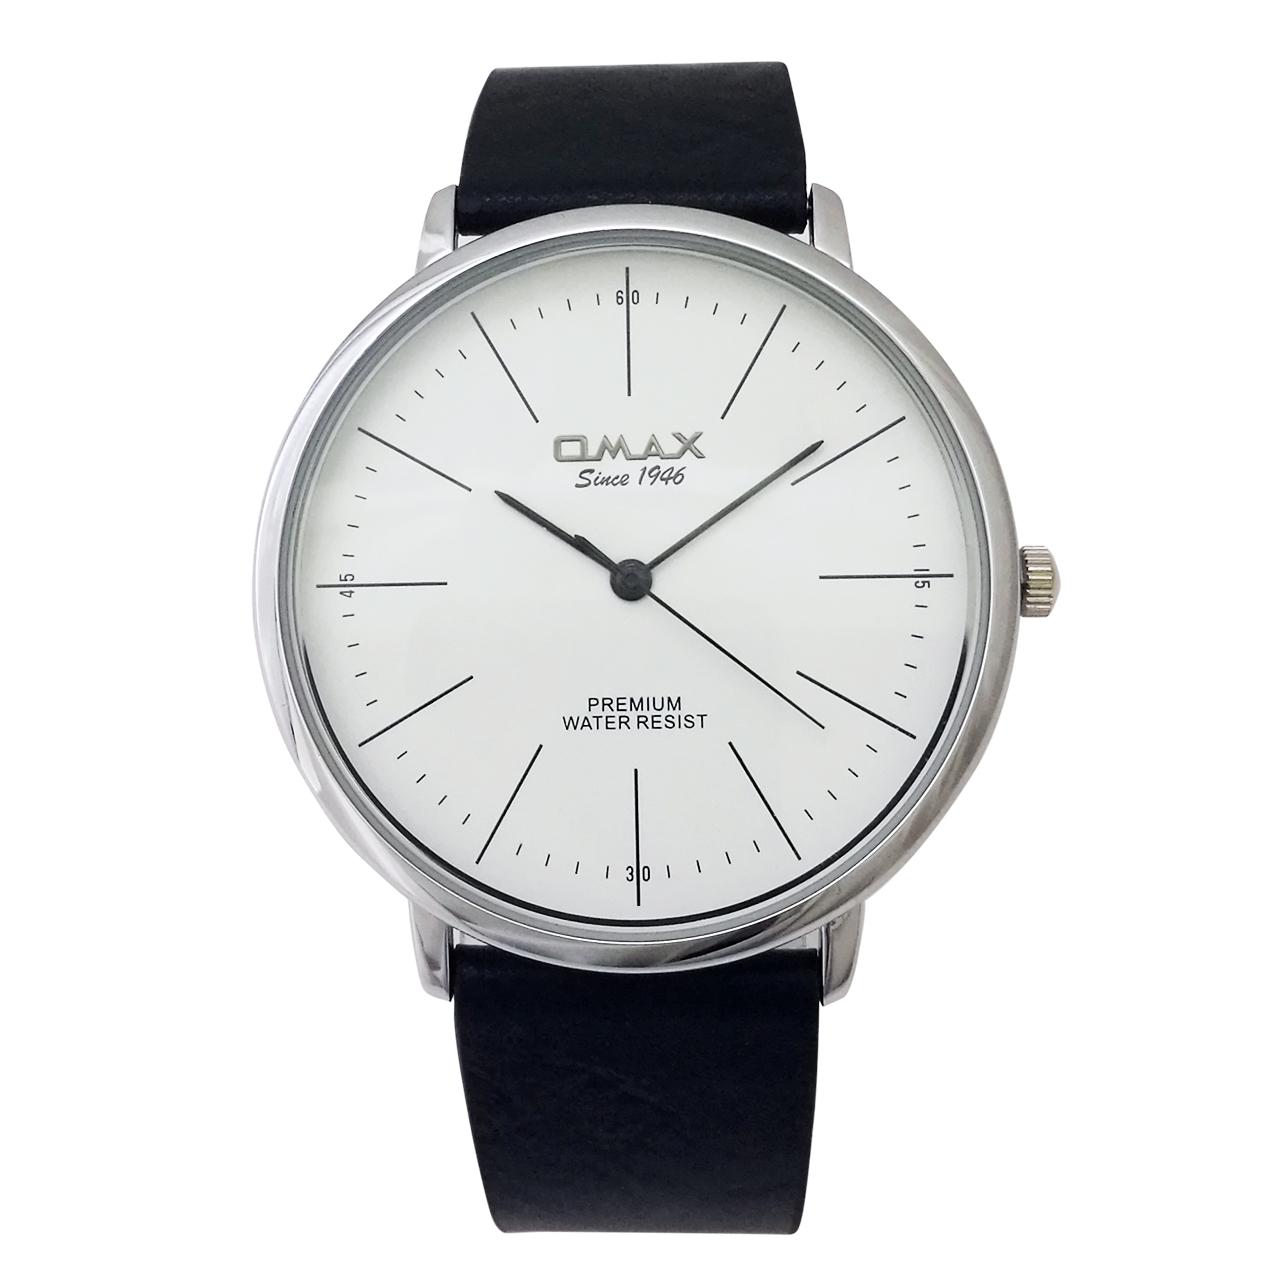 ساعت مچی عقربه ای مردانه اوماکس مدل CC9019 به همراه دستمال مخصوص برند کلین واچ